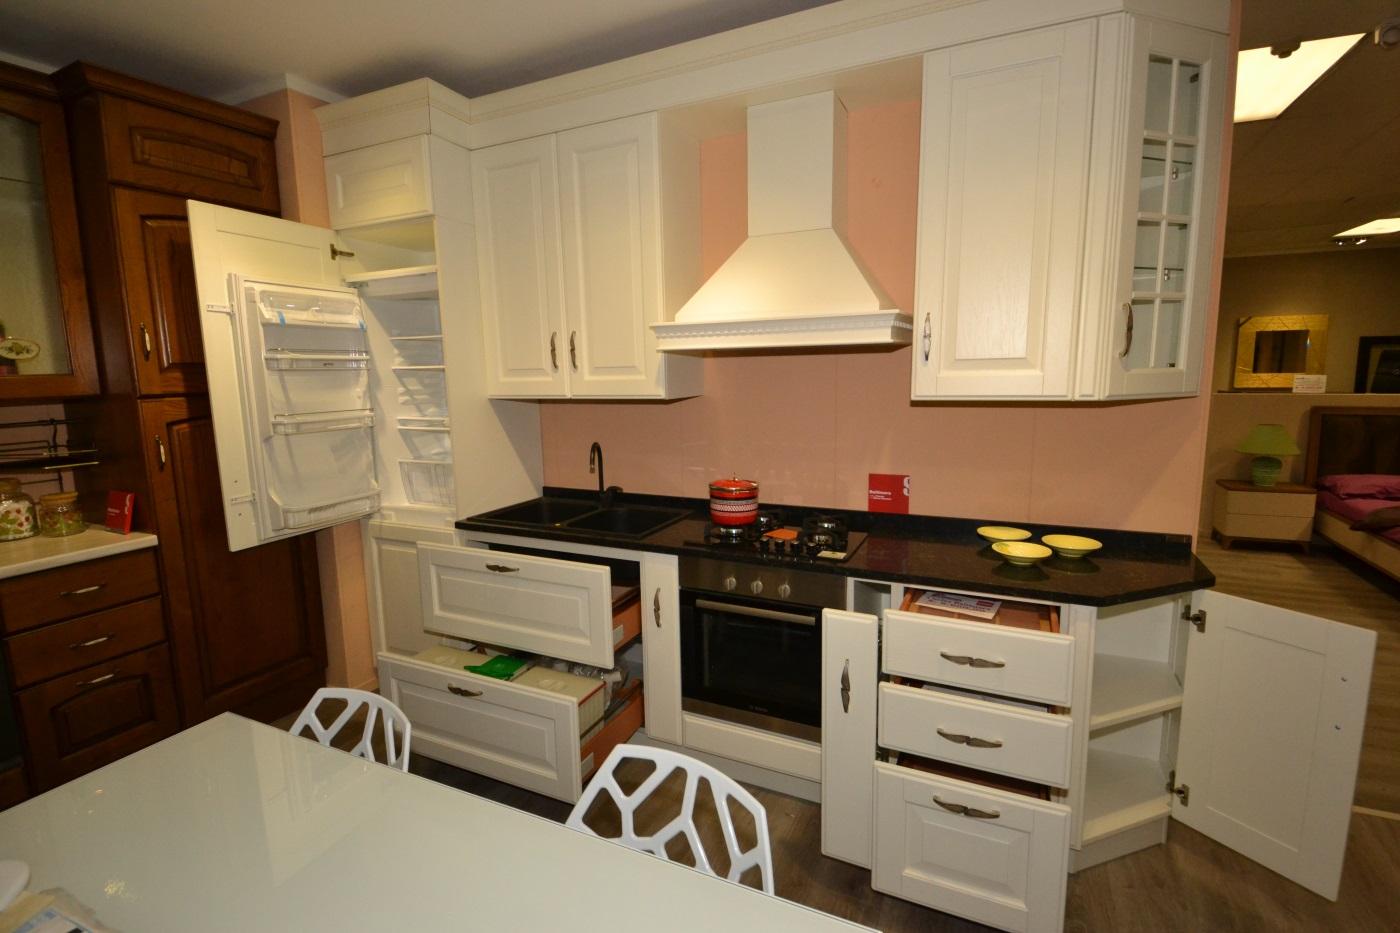 Offerta cucina Scavolini modello Baltimora - San Gaetano Arredamenti